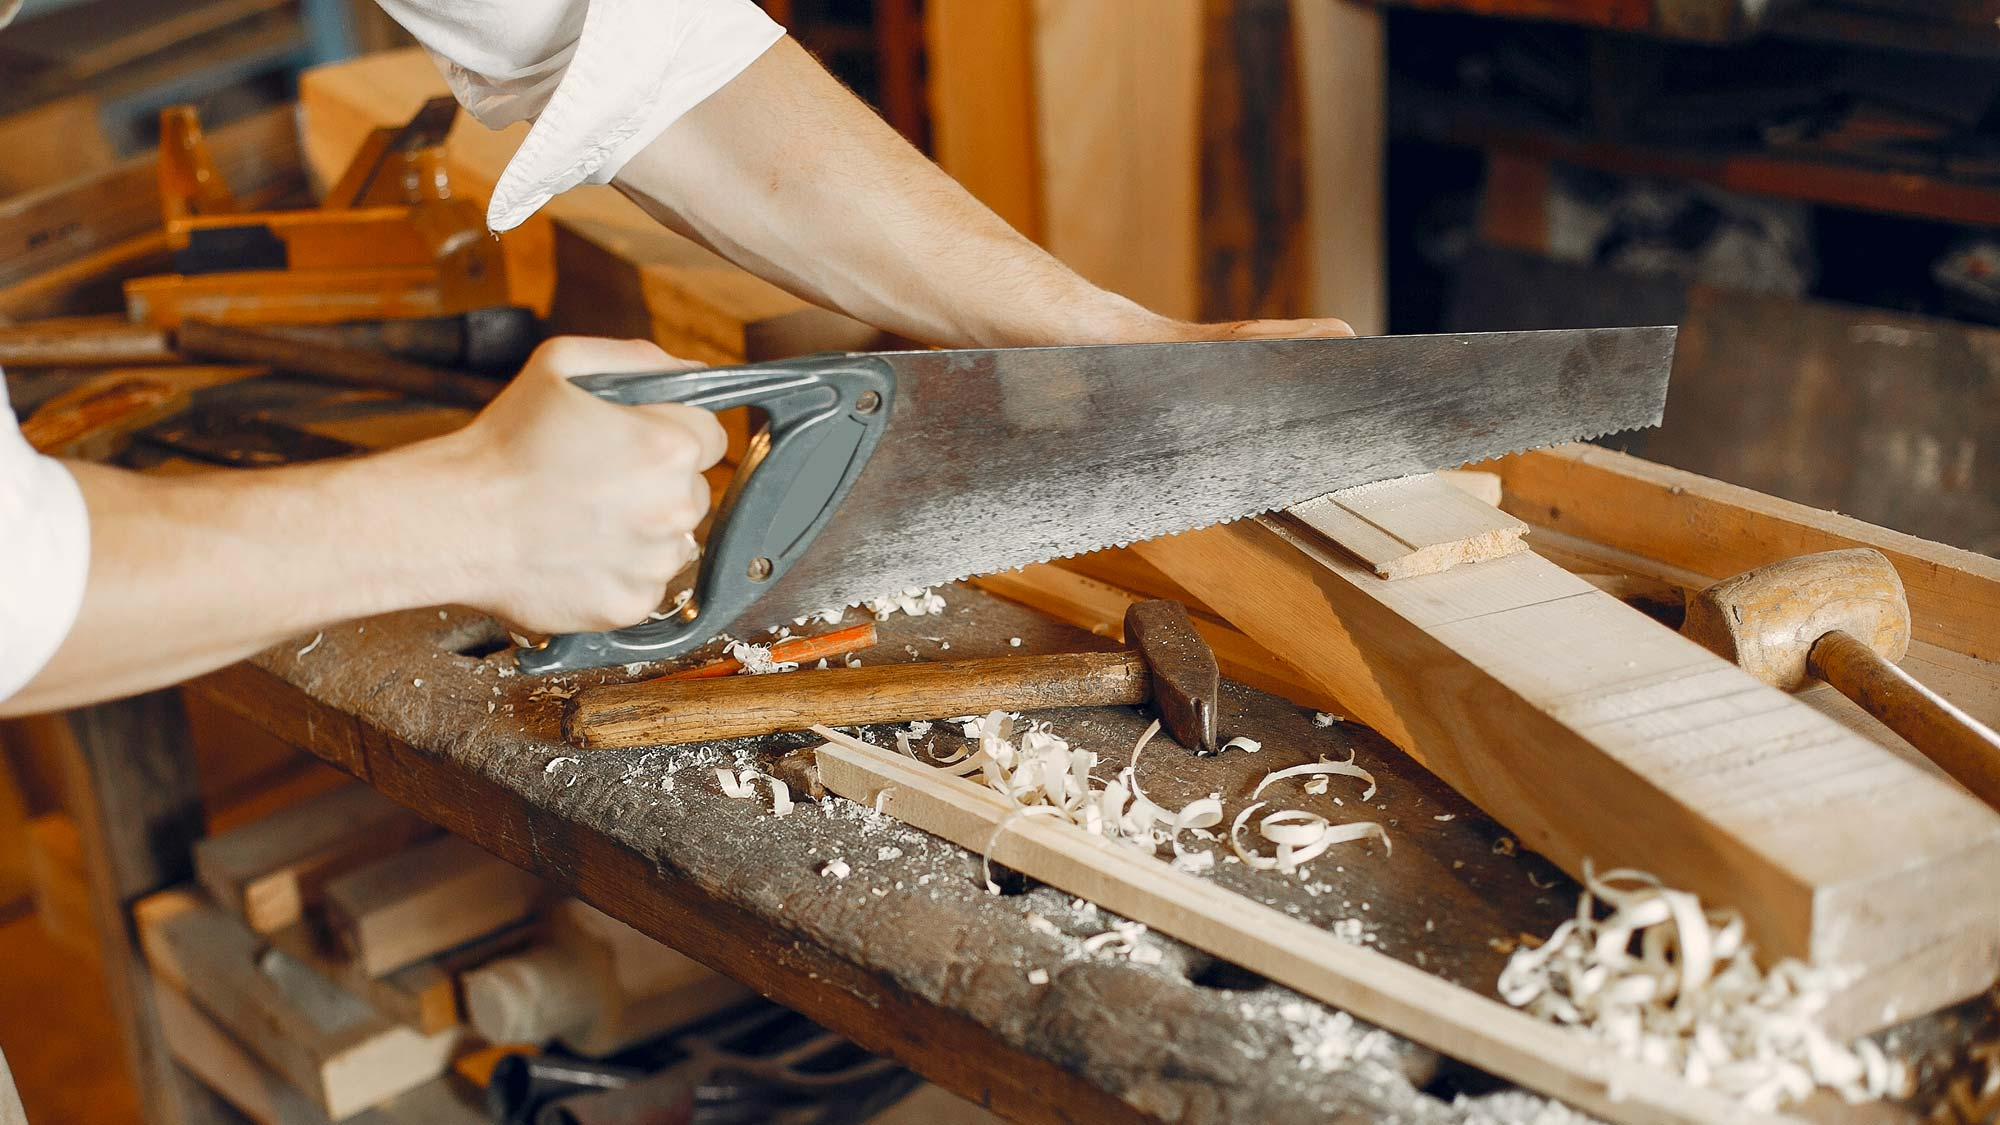 Sega a mano per legno | Tipologie e utilizzo